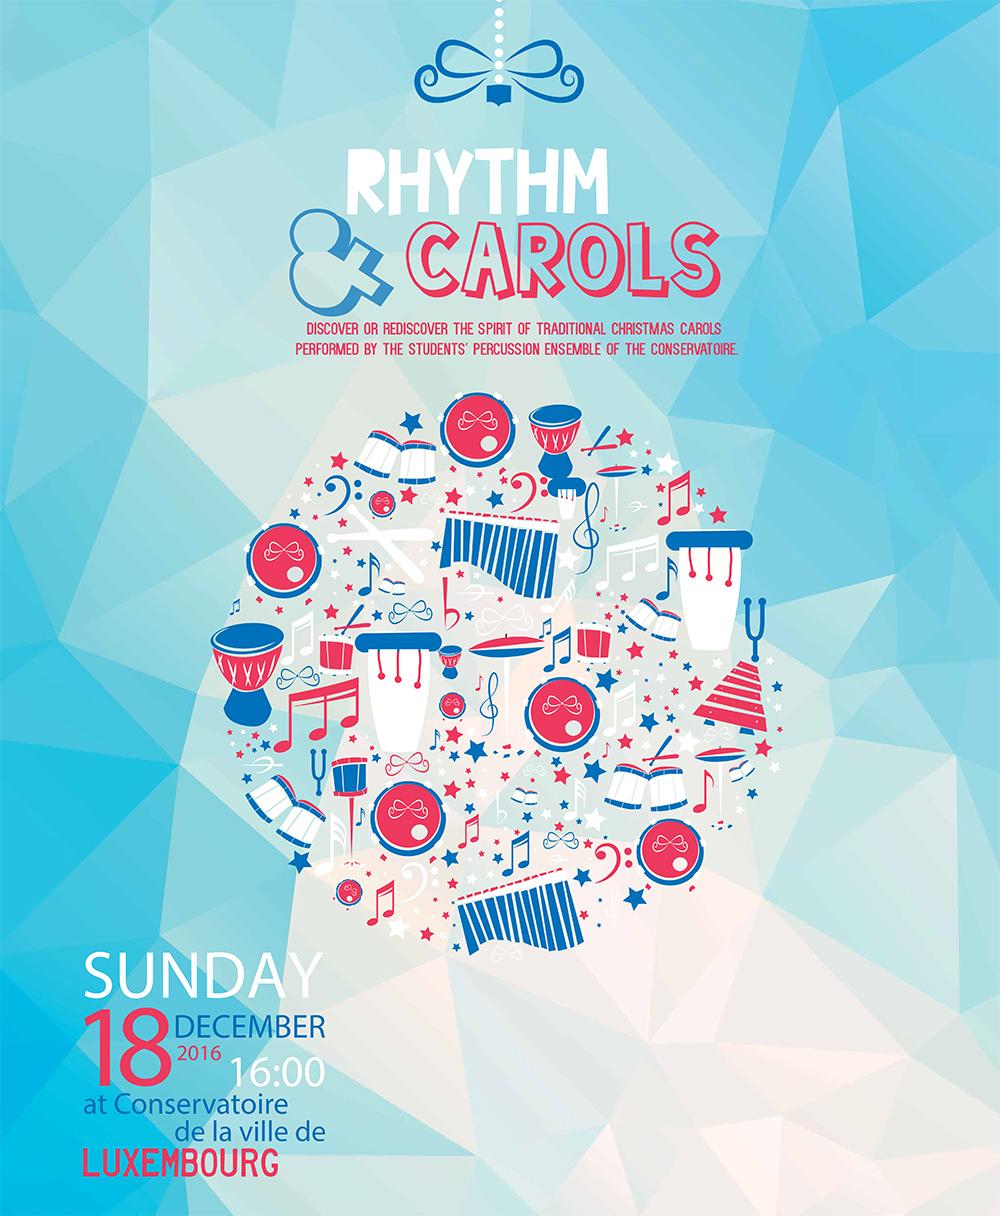 Rhythm Carols 2016